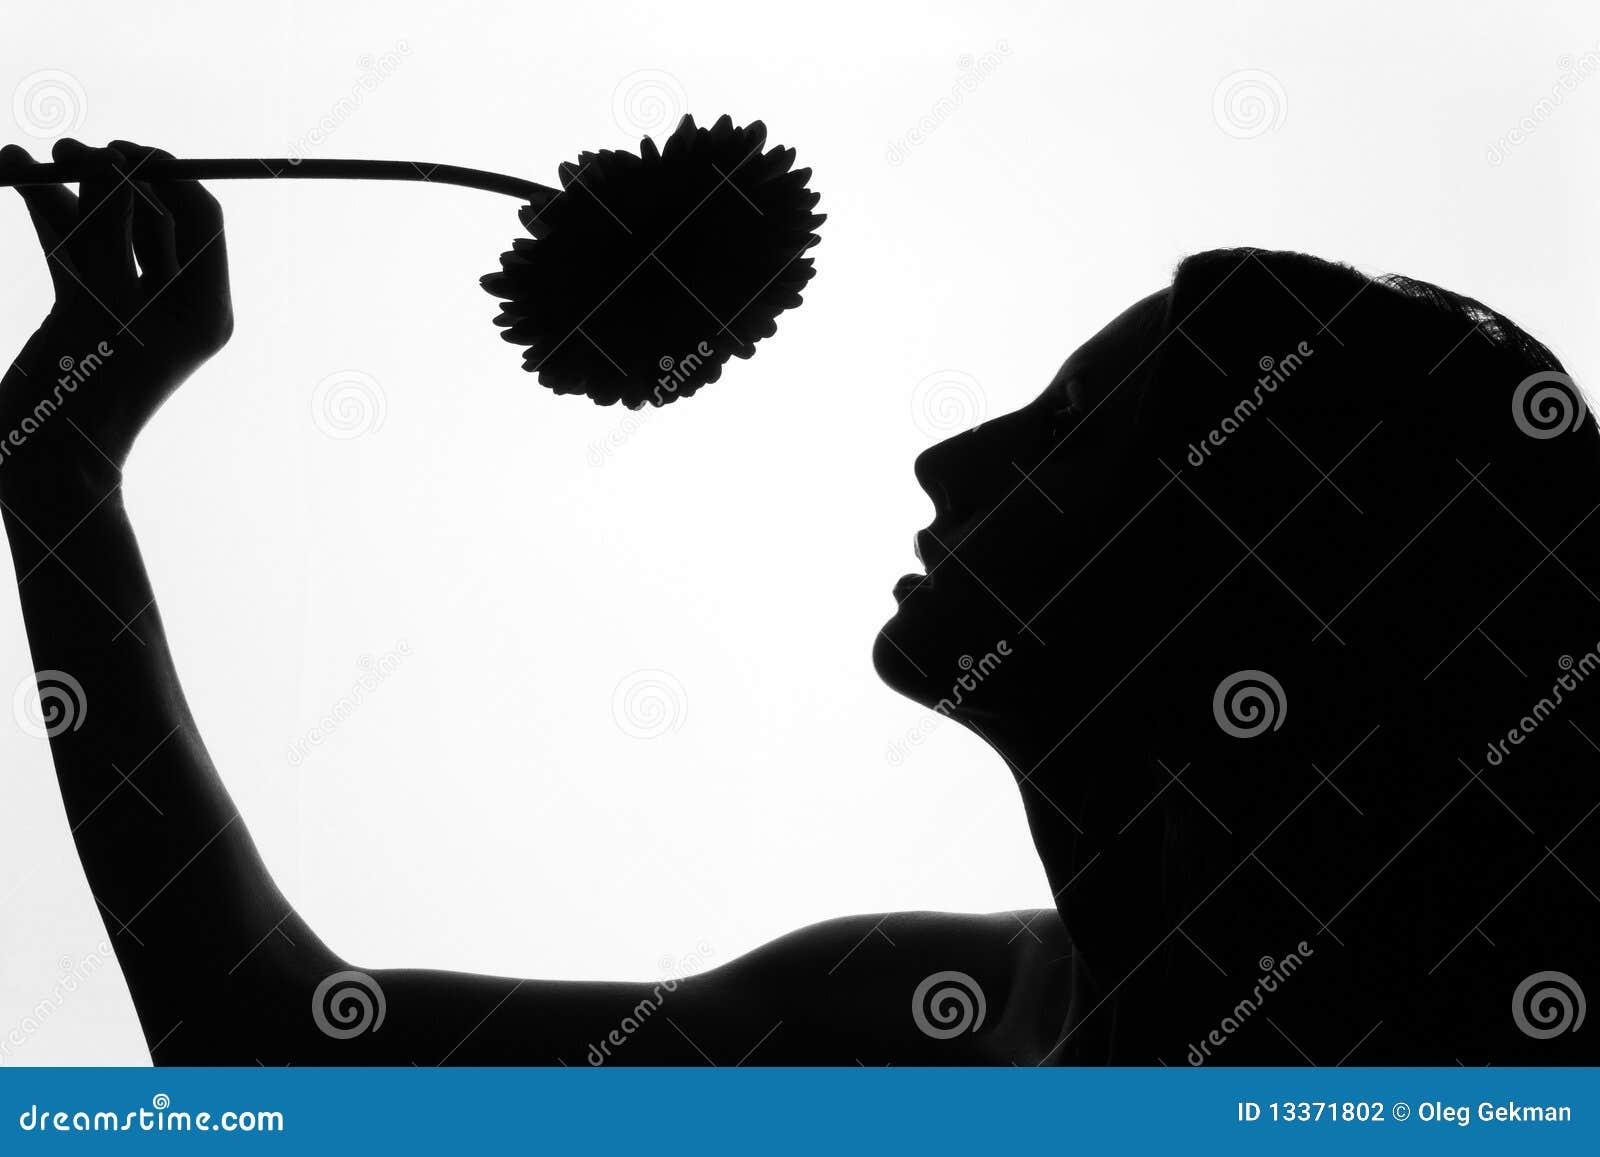 Как делают фото с черным силуэтом